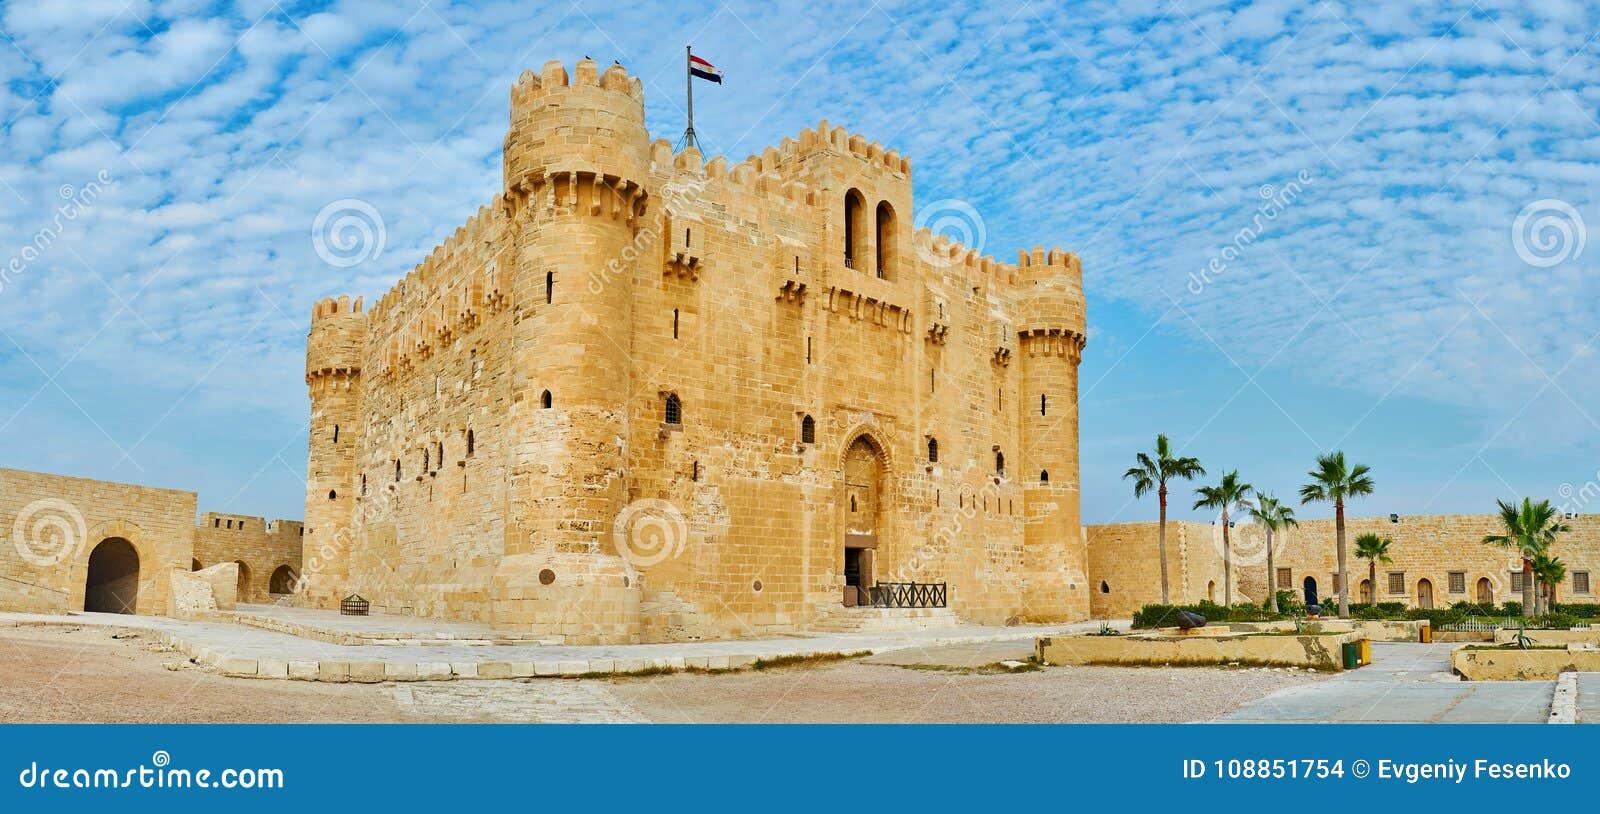 Ανακαλύψτε τη μεσαιωνική ακρόπολη της Αλεξάνδρειας, Αίγυπτος